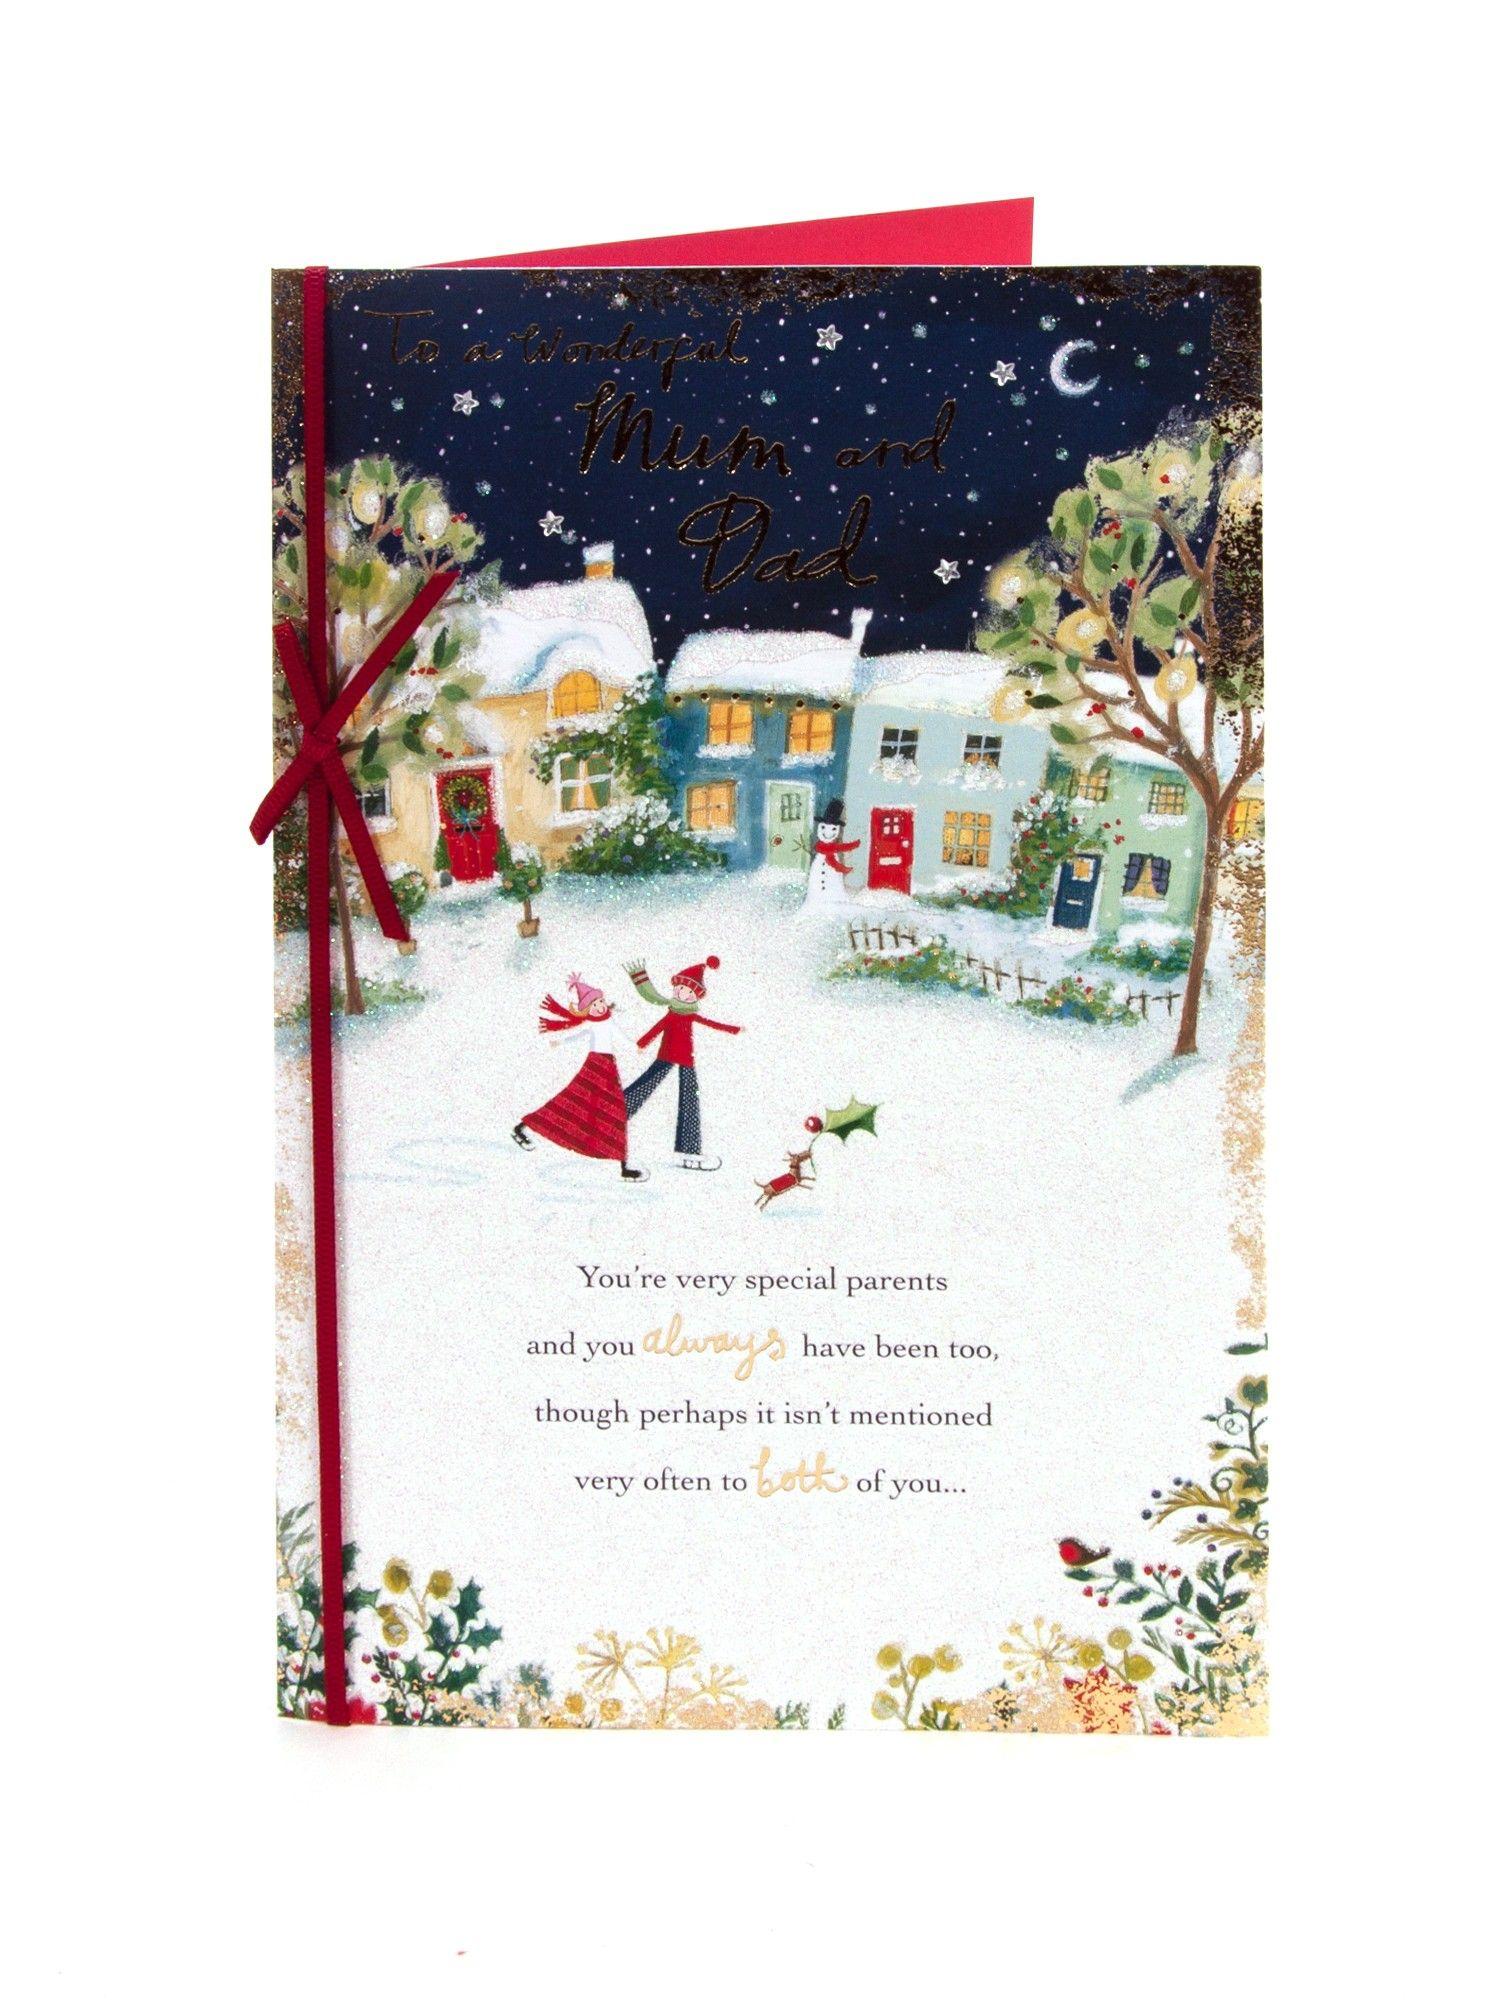 Ice Skating Couple Christmas Card - For Mum & Dad | Christmas ...